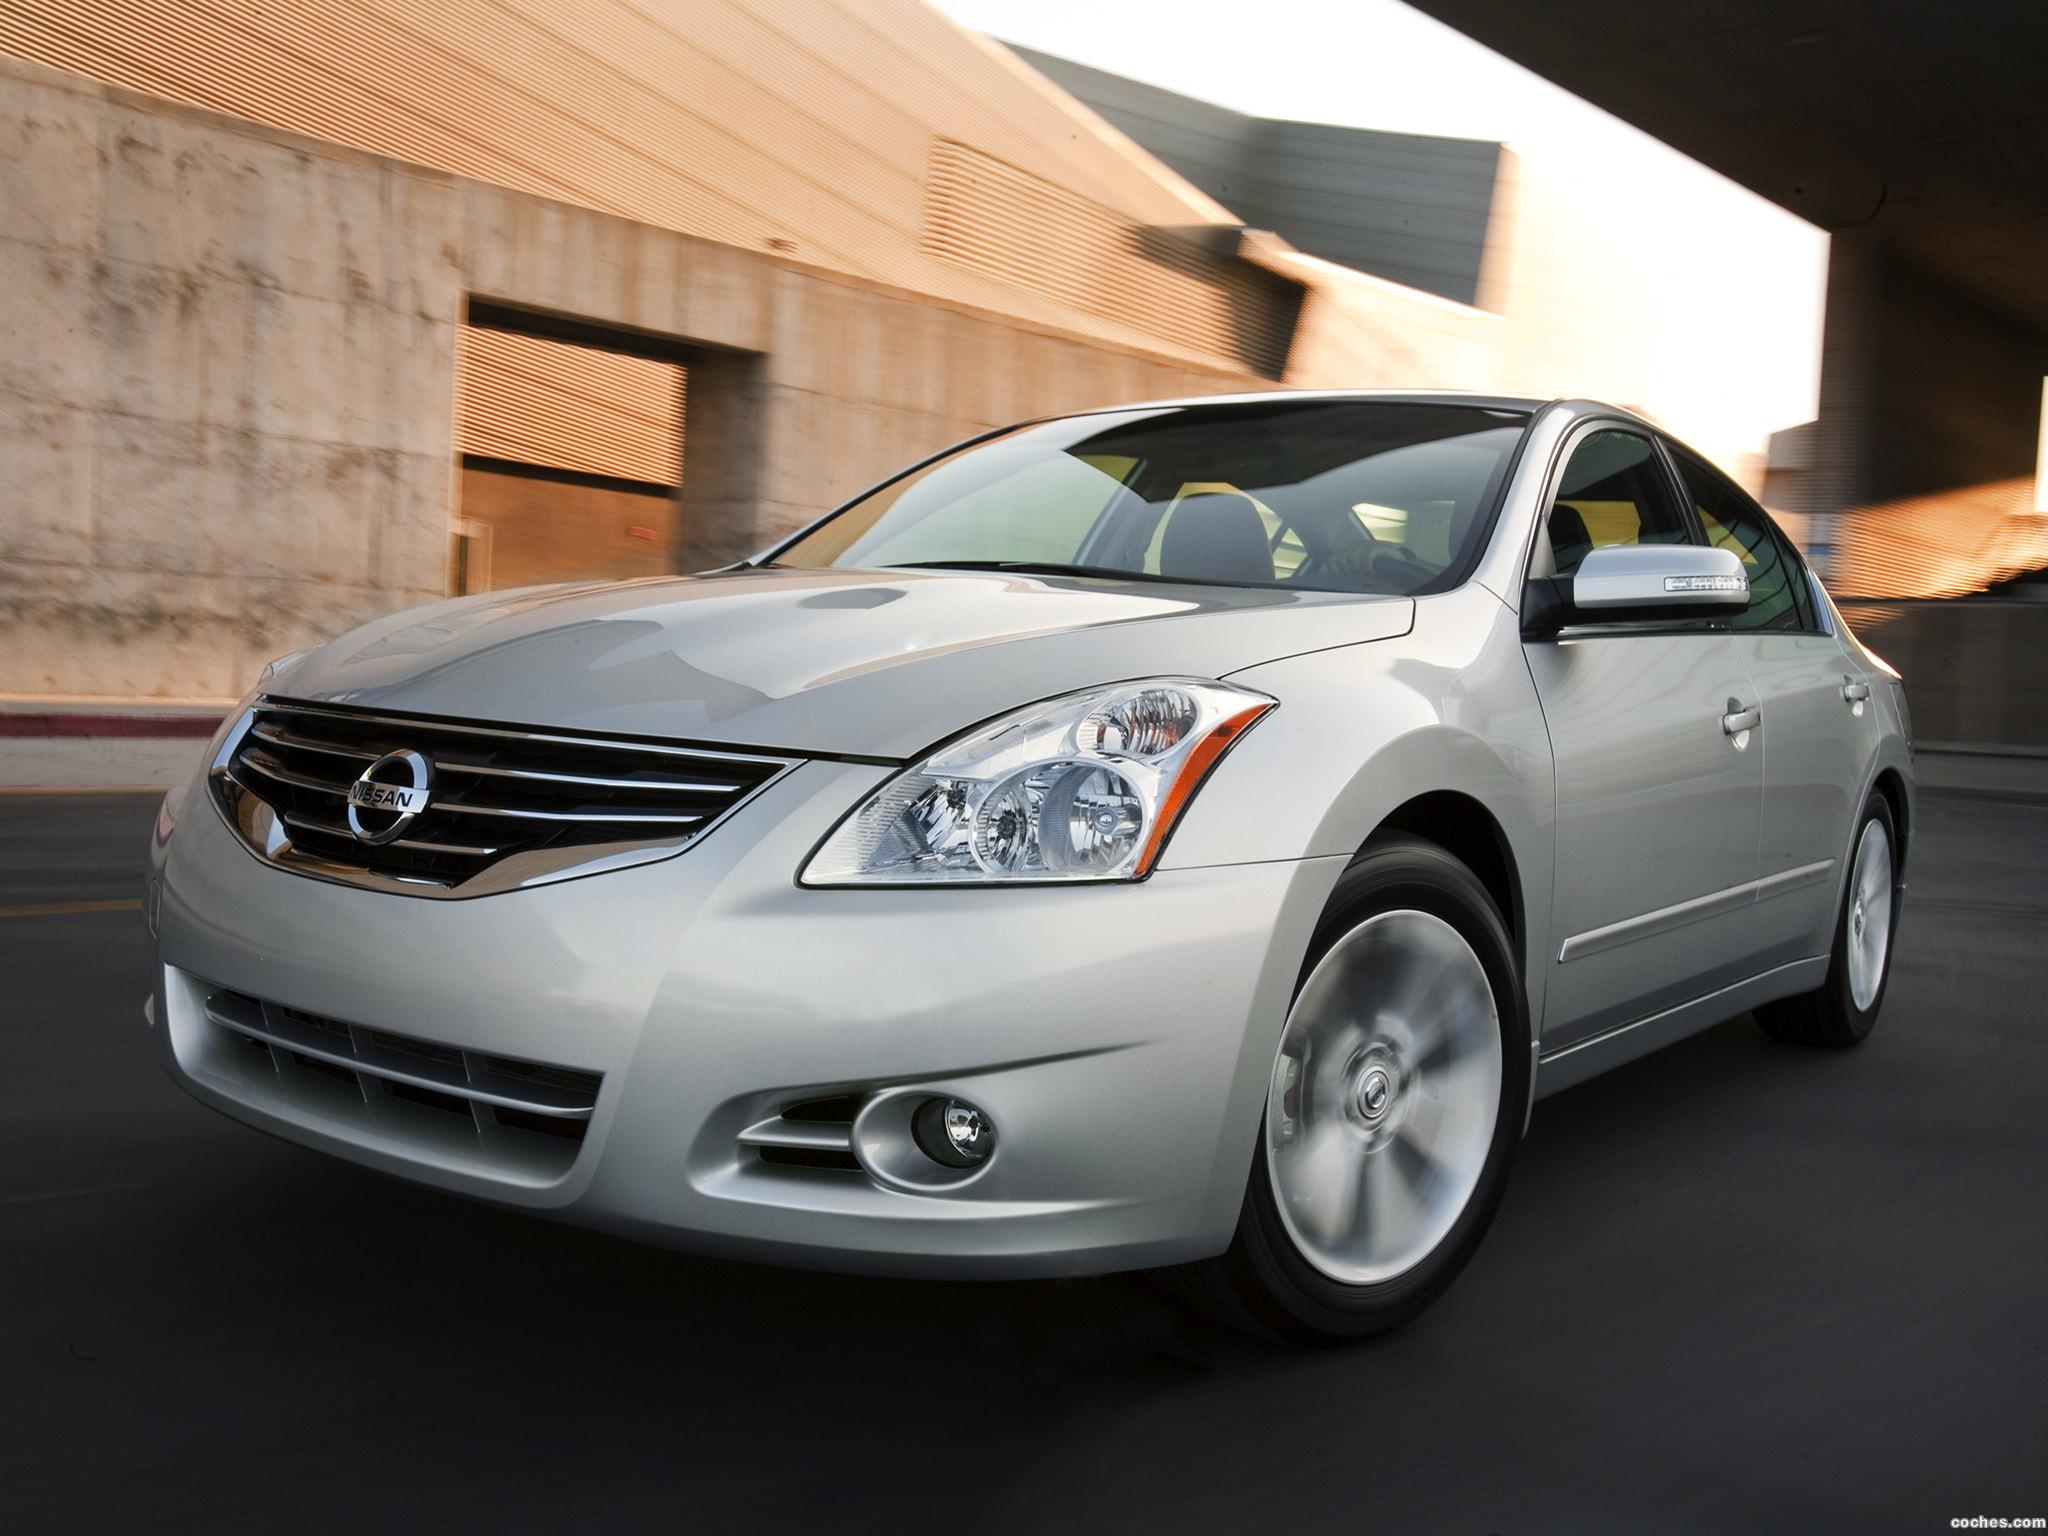 Foto 0 de Nissan Altima Sedan 2010